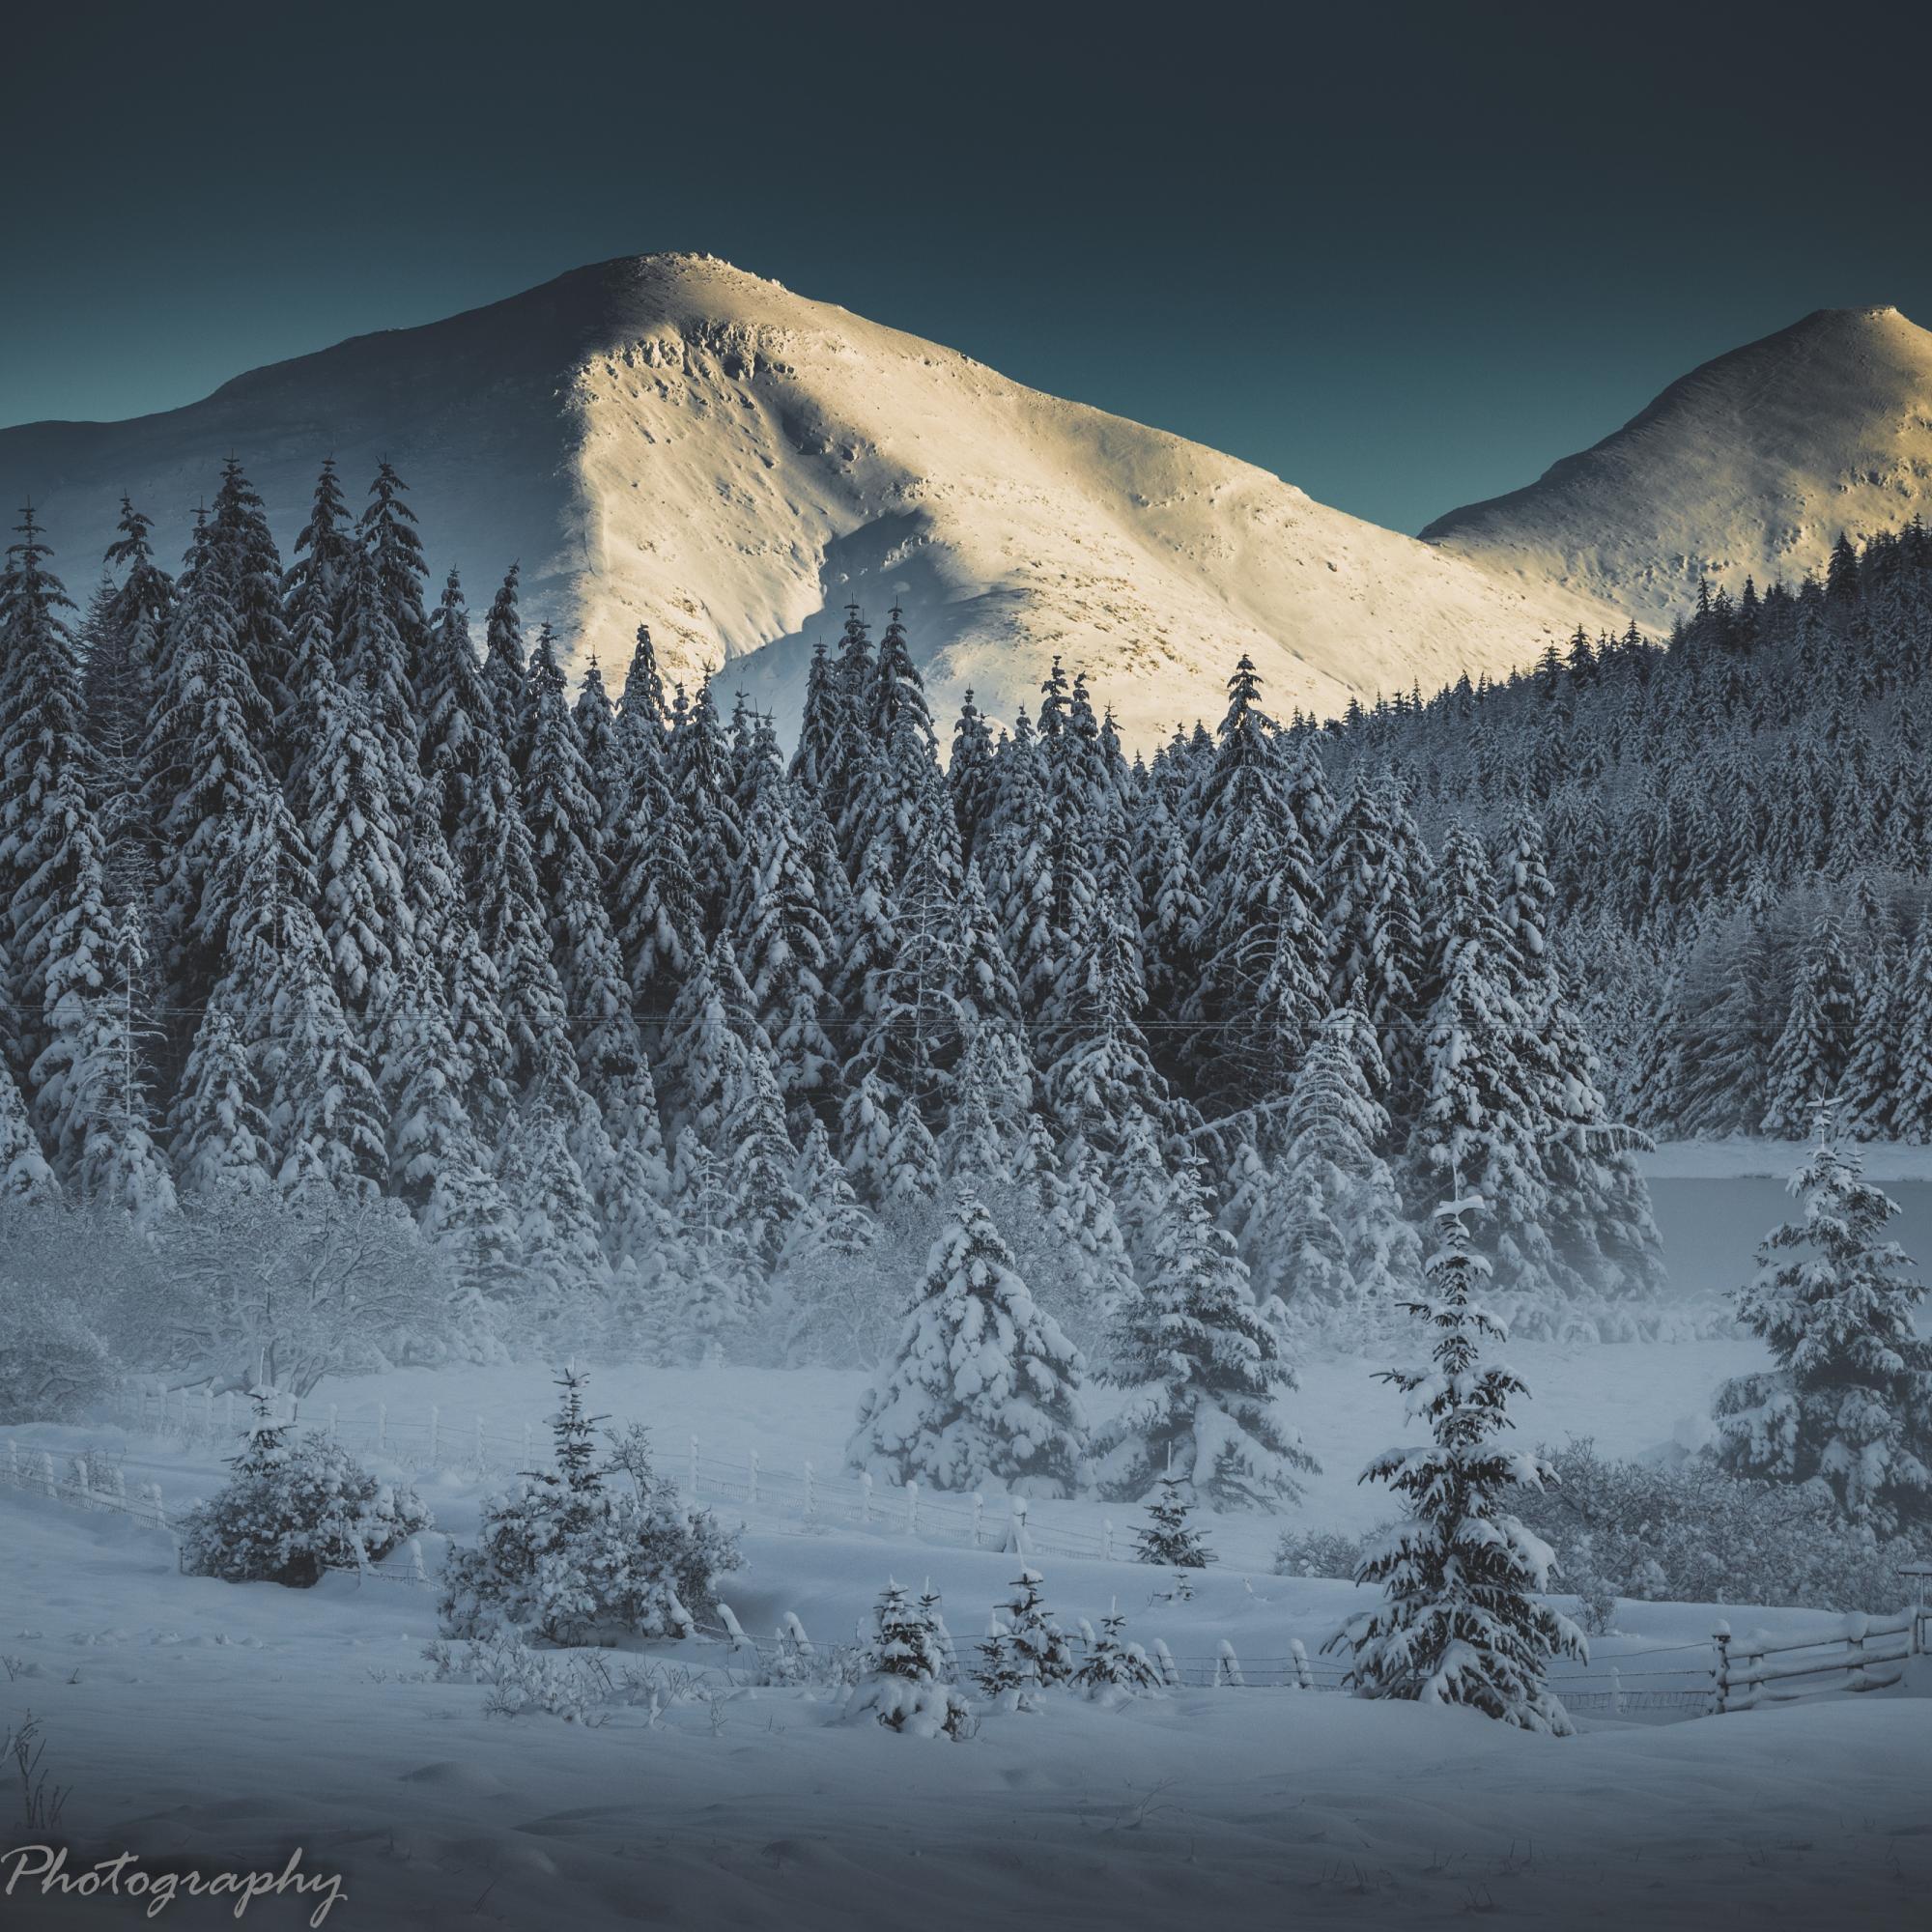 Winter Wonderland at daybreak